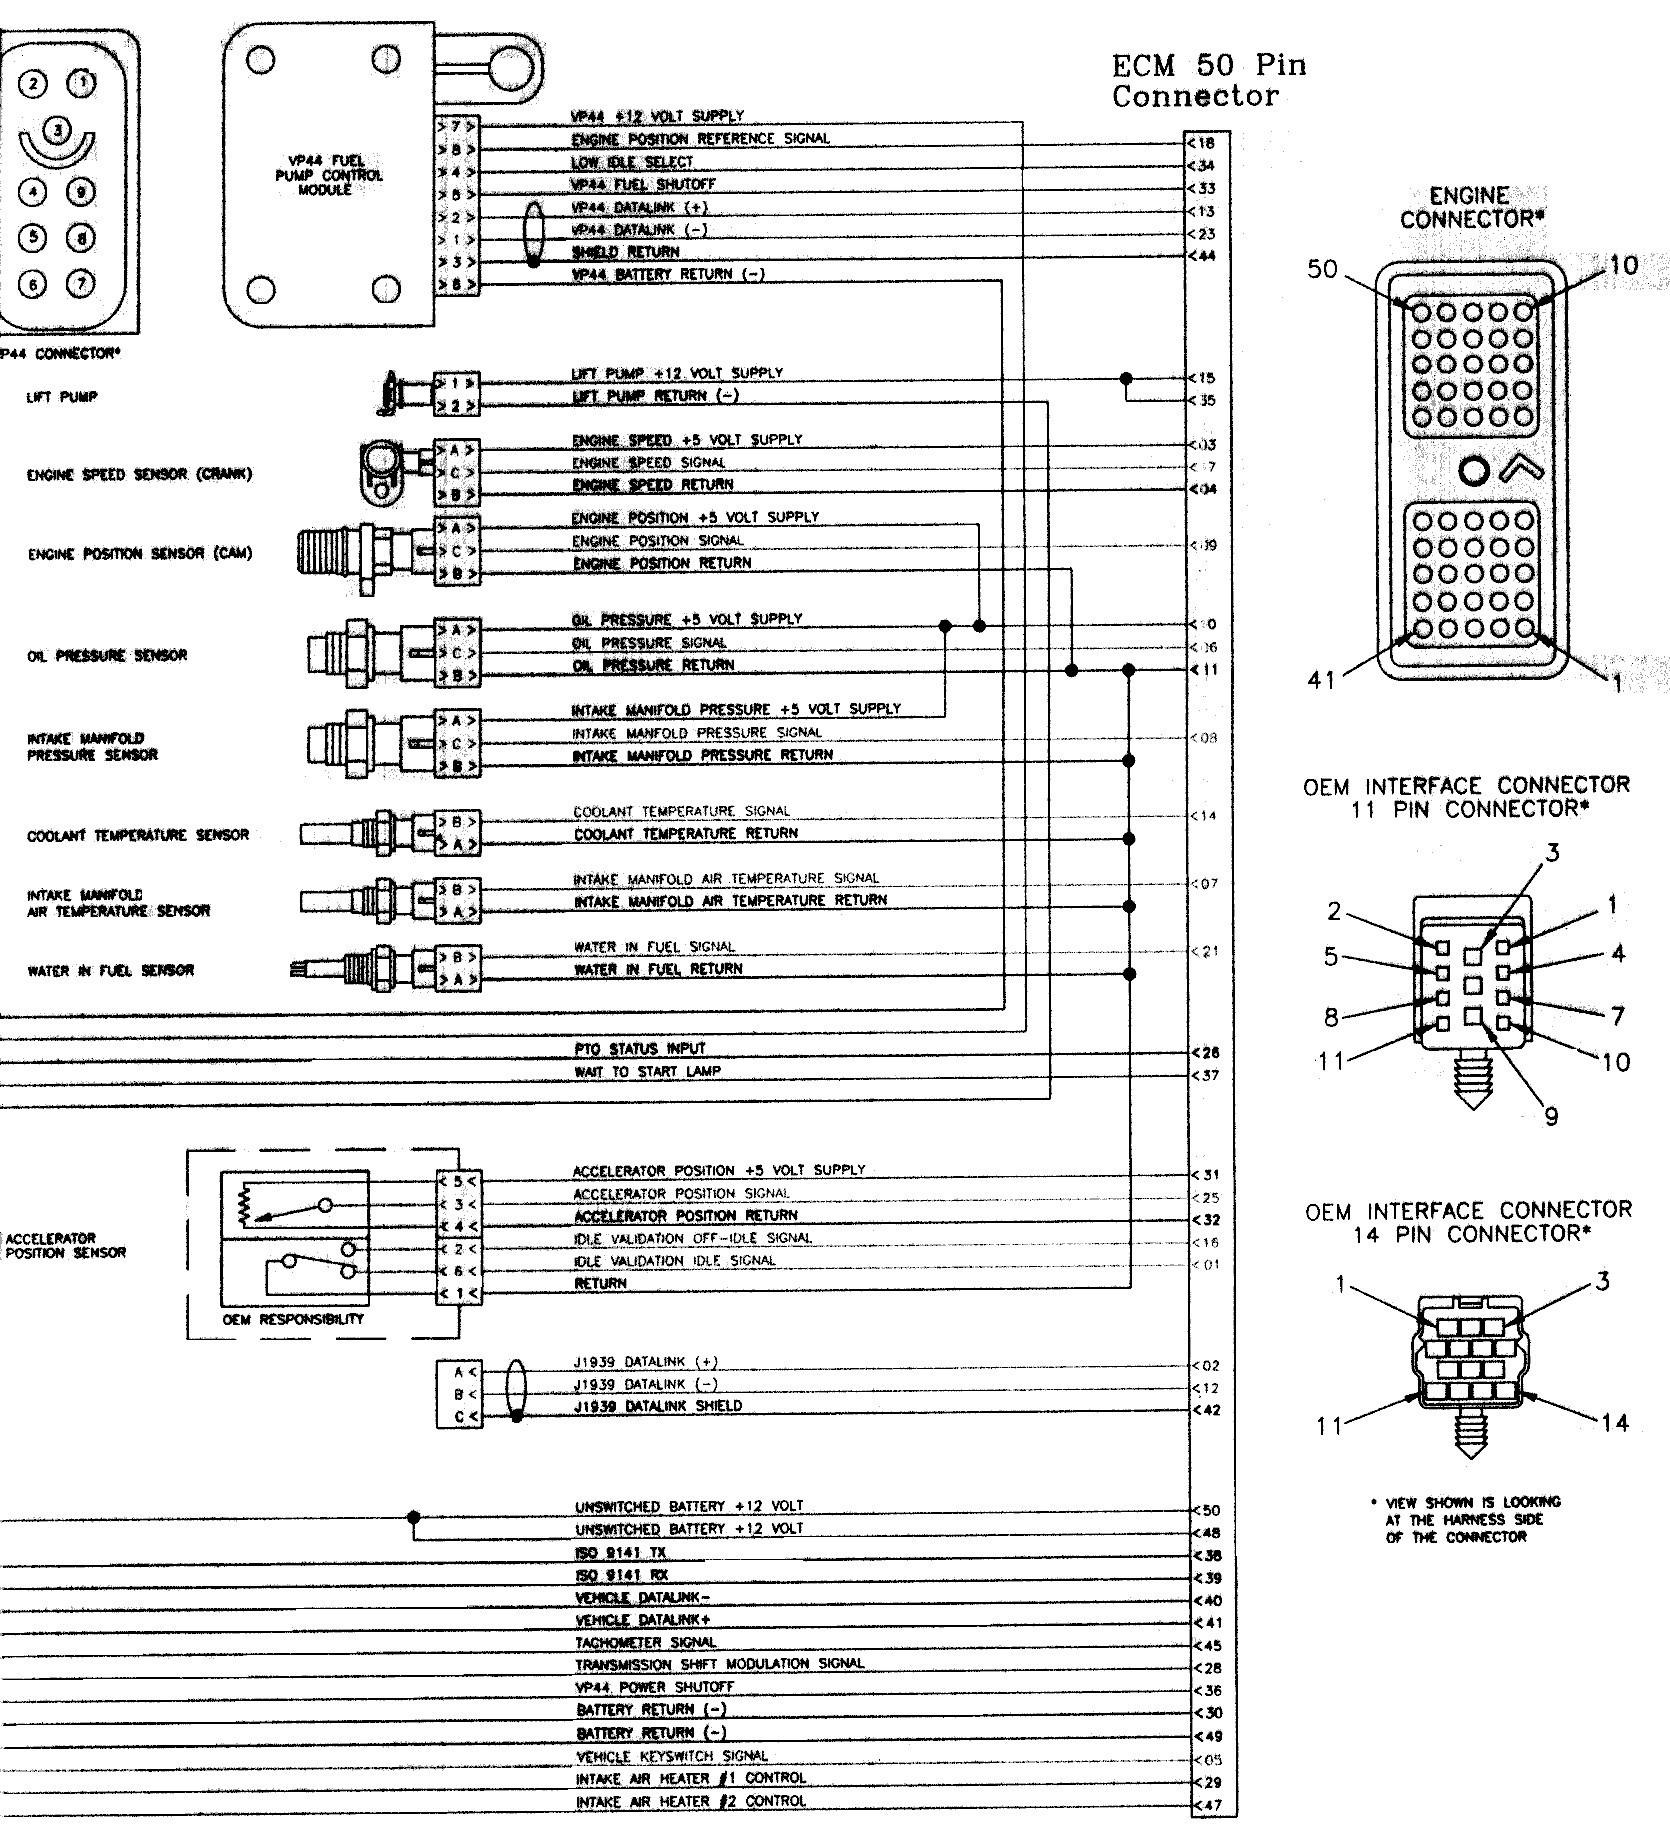 2002 Dodge Ram 1500 4 7 Engine Diagram 99 Dodge Ram 1500 Radio Wiring Diagram New Stereo Wiring Diagram for Of 2002 Dodge Ram 1500 4 7 Engine Diagram